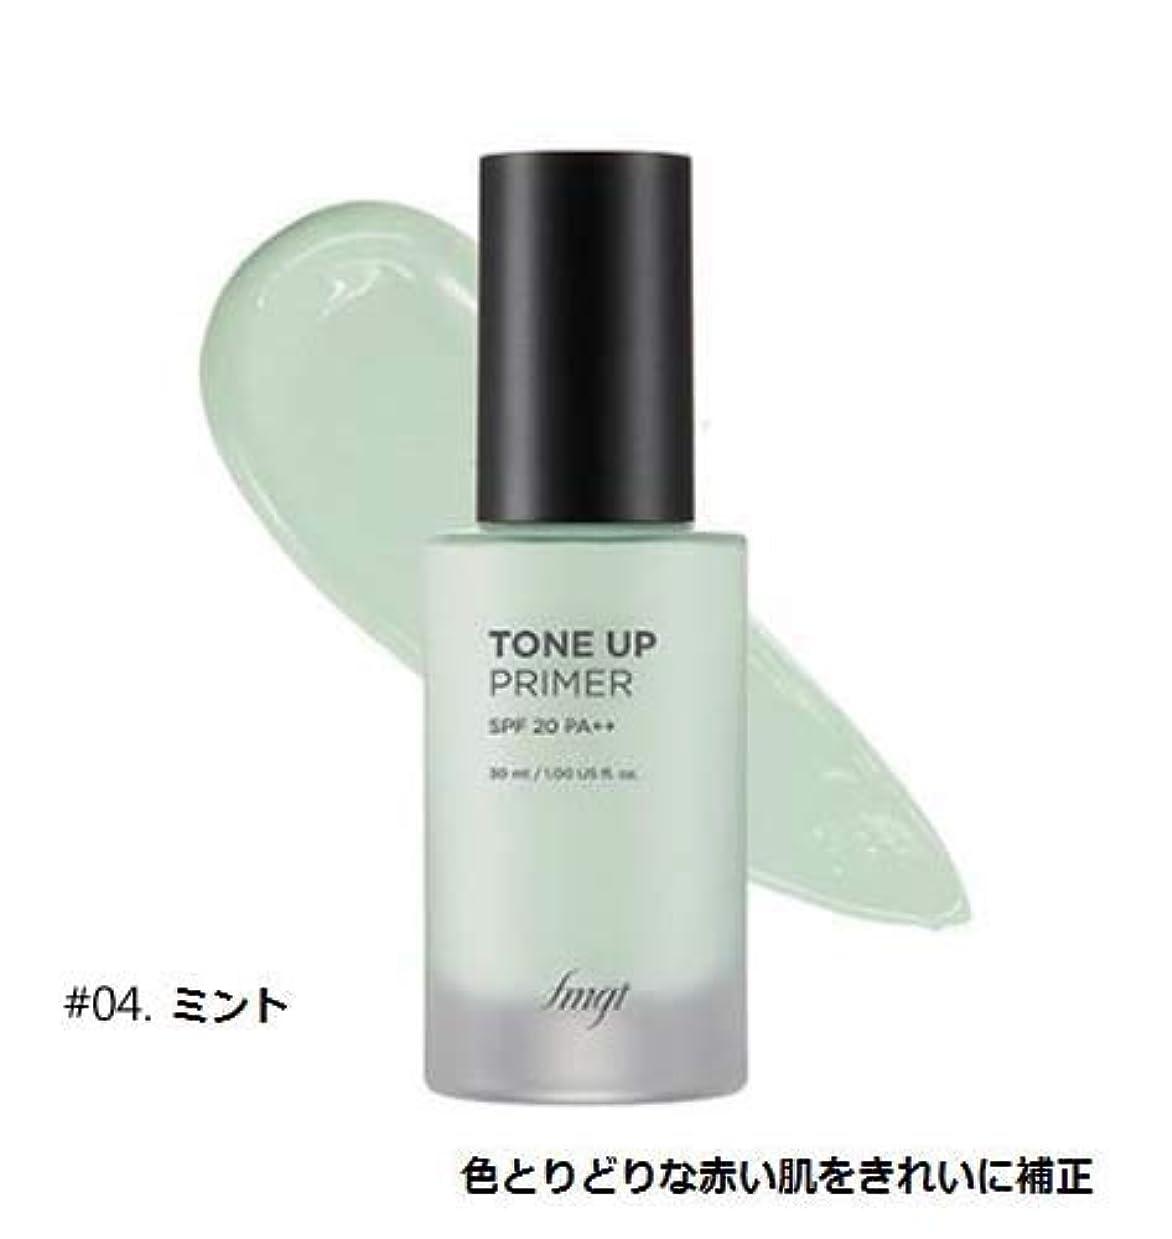 アプライアンスセッション竜巻[ザ?フェイスショップ] THE FACE SHOP [トンオプ プライマー 30ml] (Tone Up Primer SPF20 PA++ 30ml) [海外直送品] (#04. ミント)